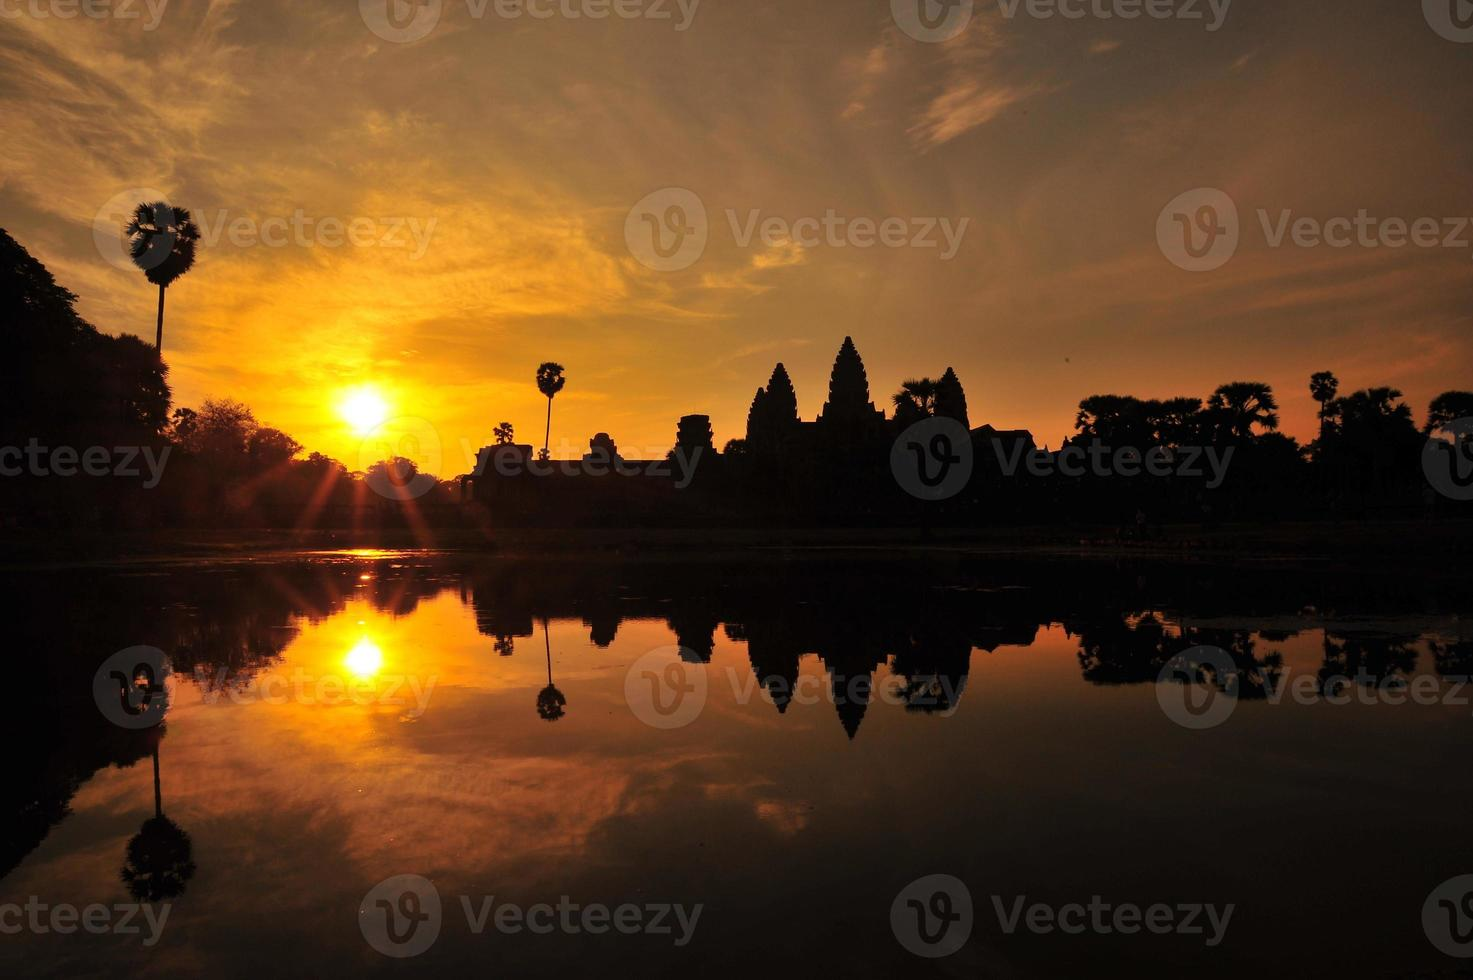 angkor wat tempel bij zonsopgang achtergronden foto